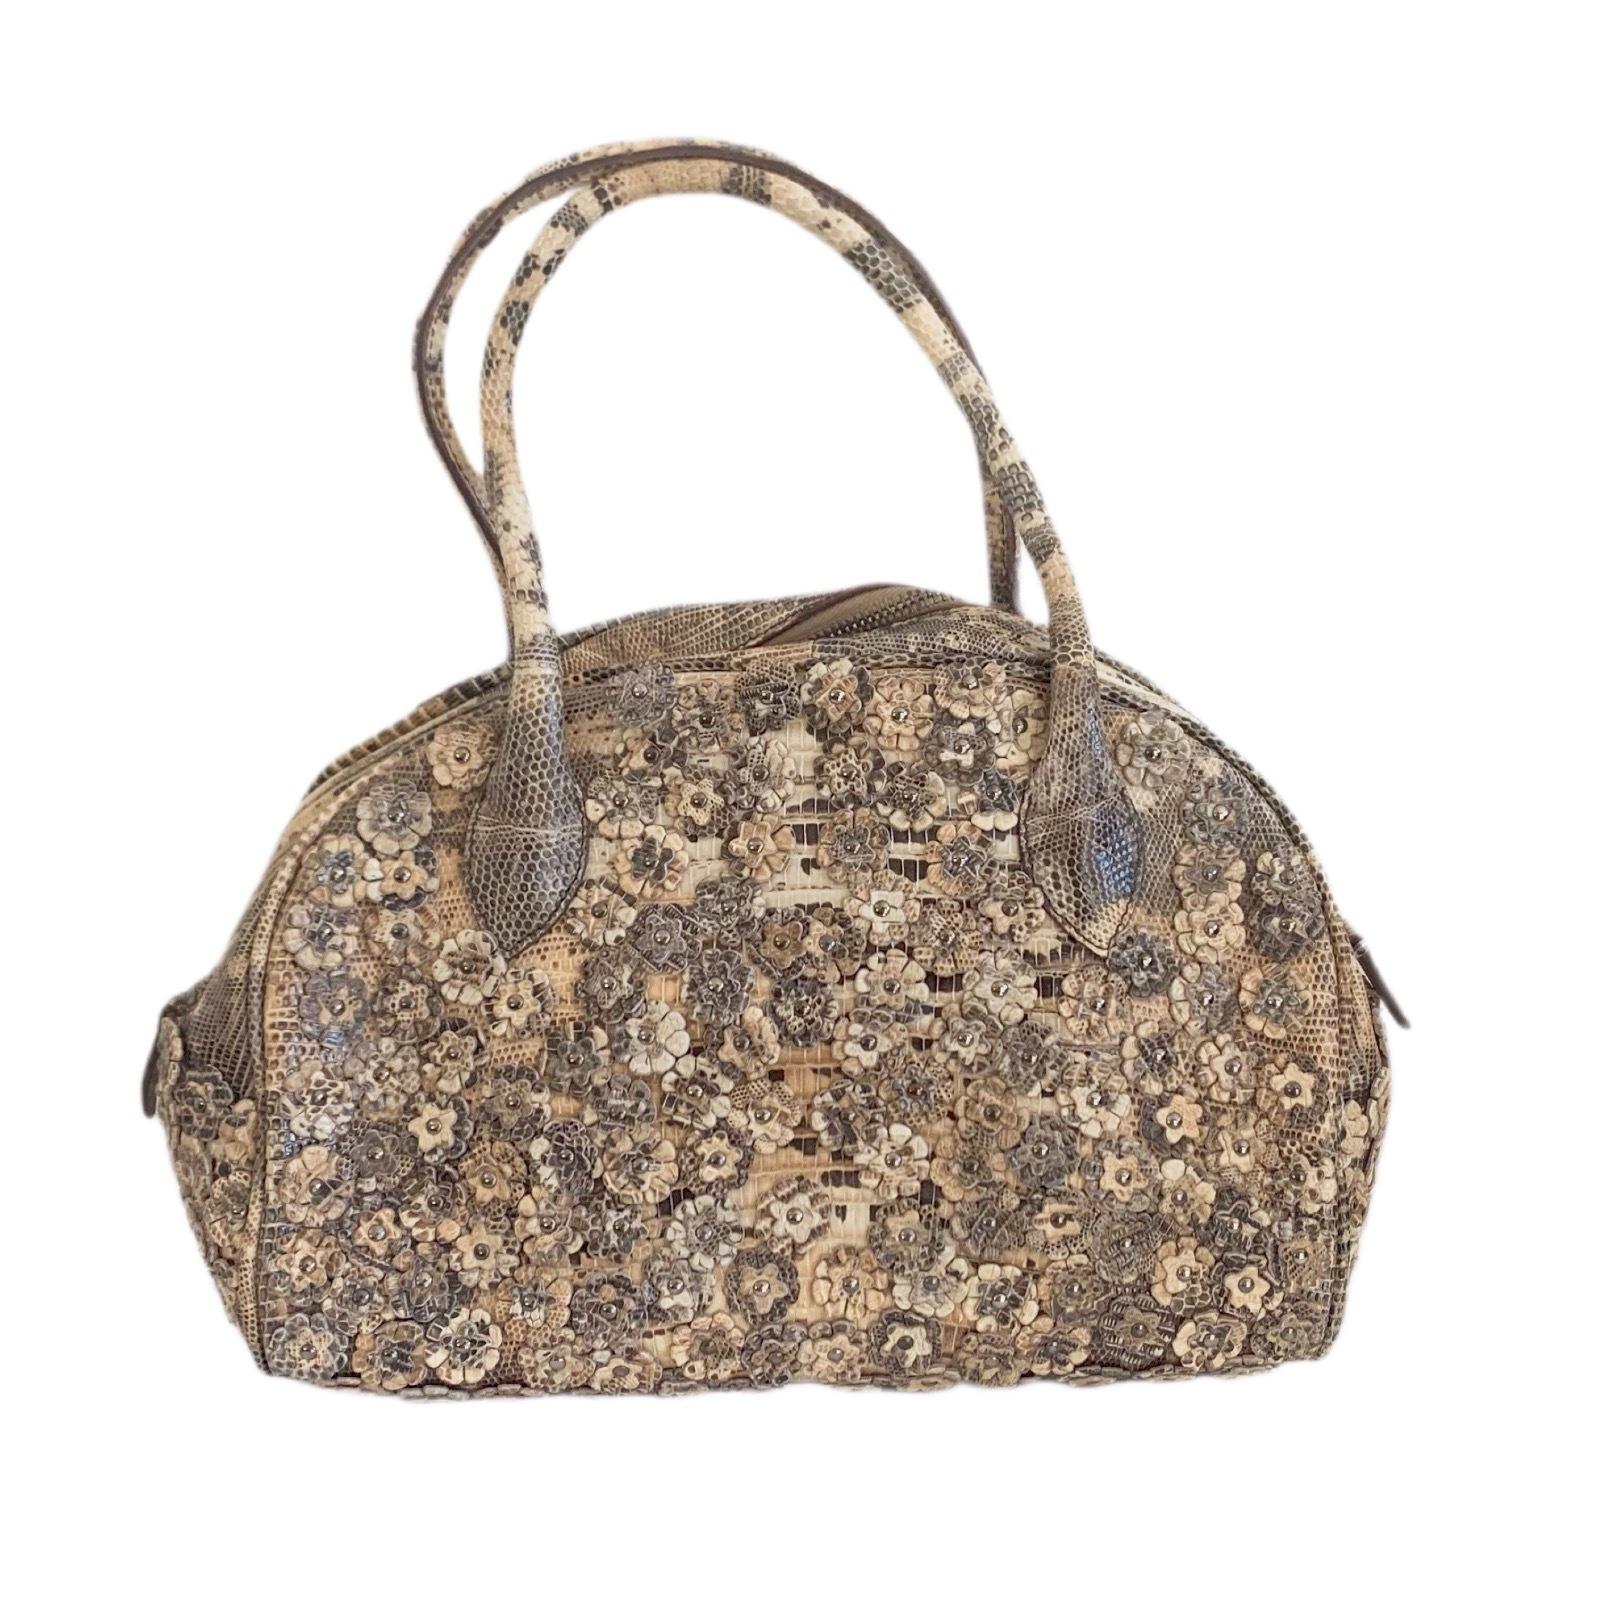 Buy: ALAÏA Floral Embellished Leather Handbag